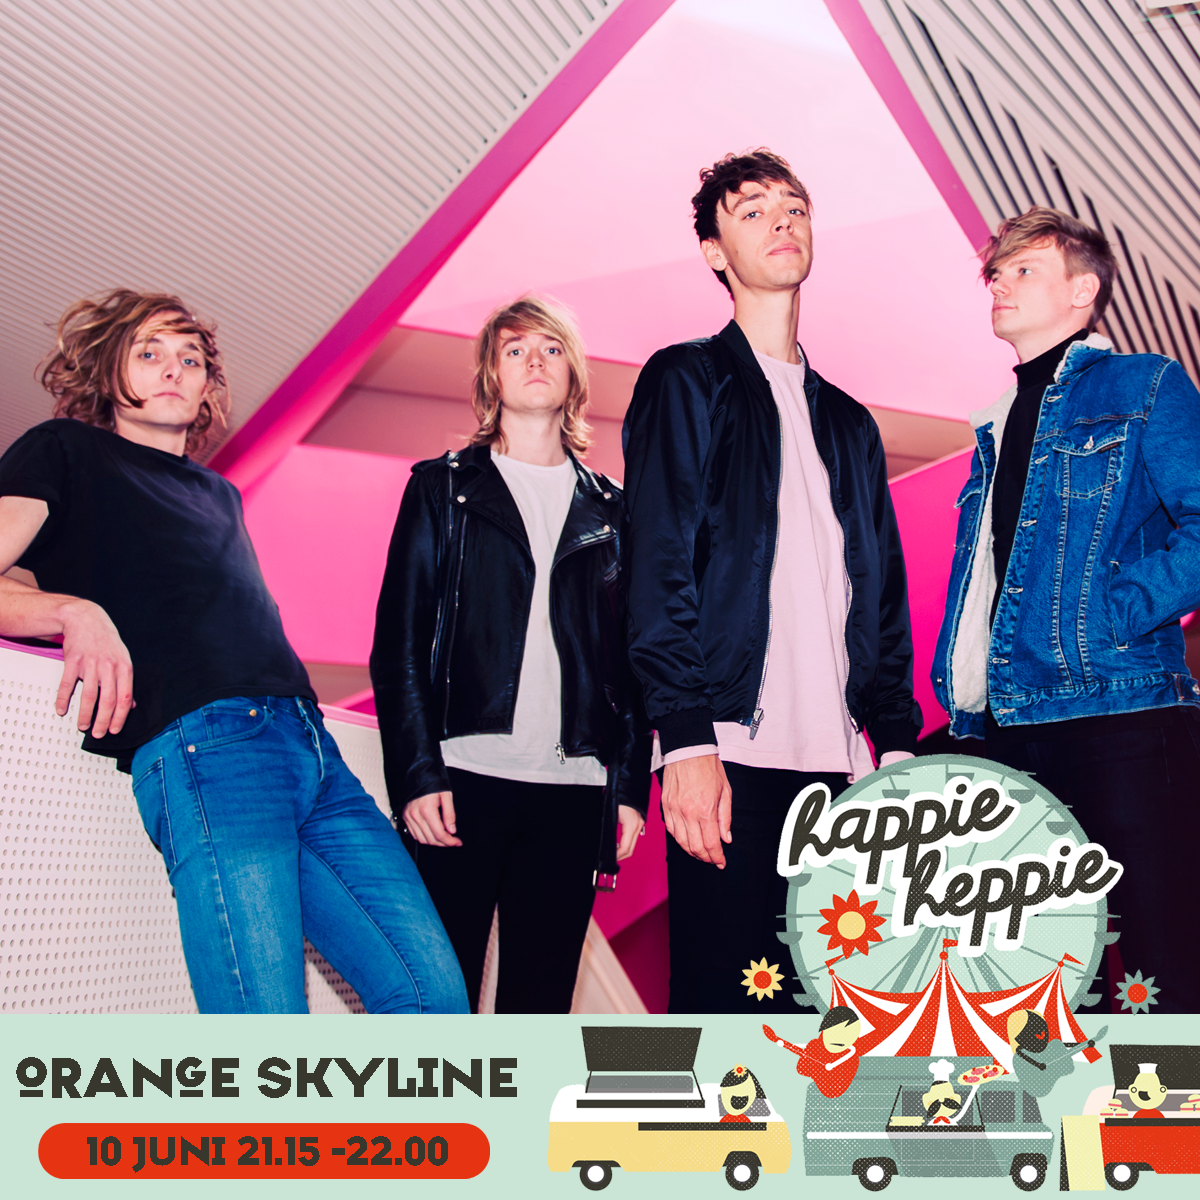 Orange-Skyline